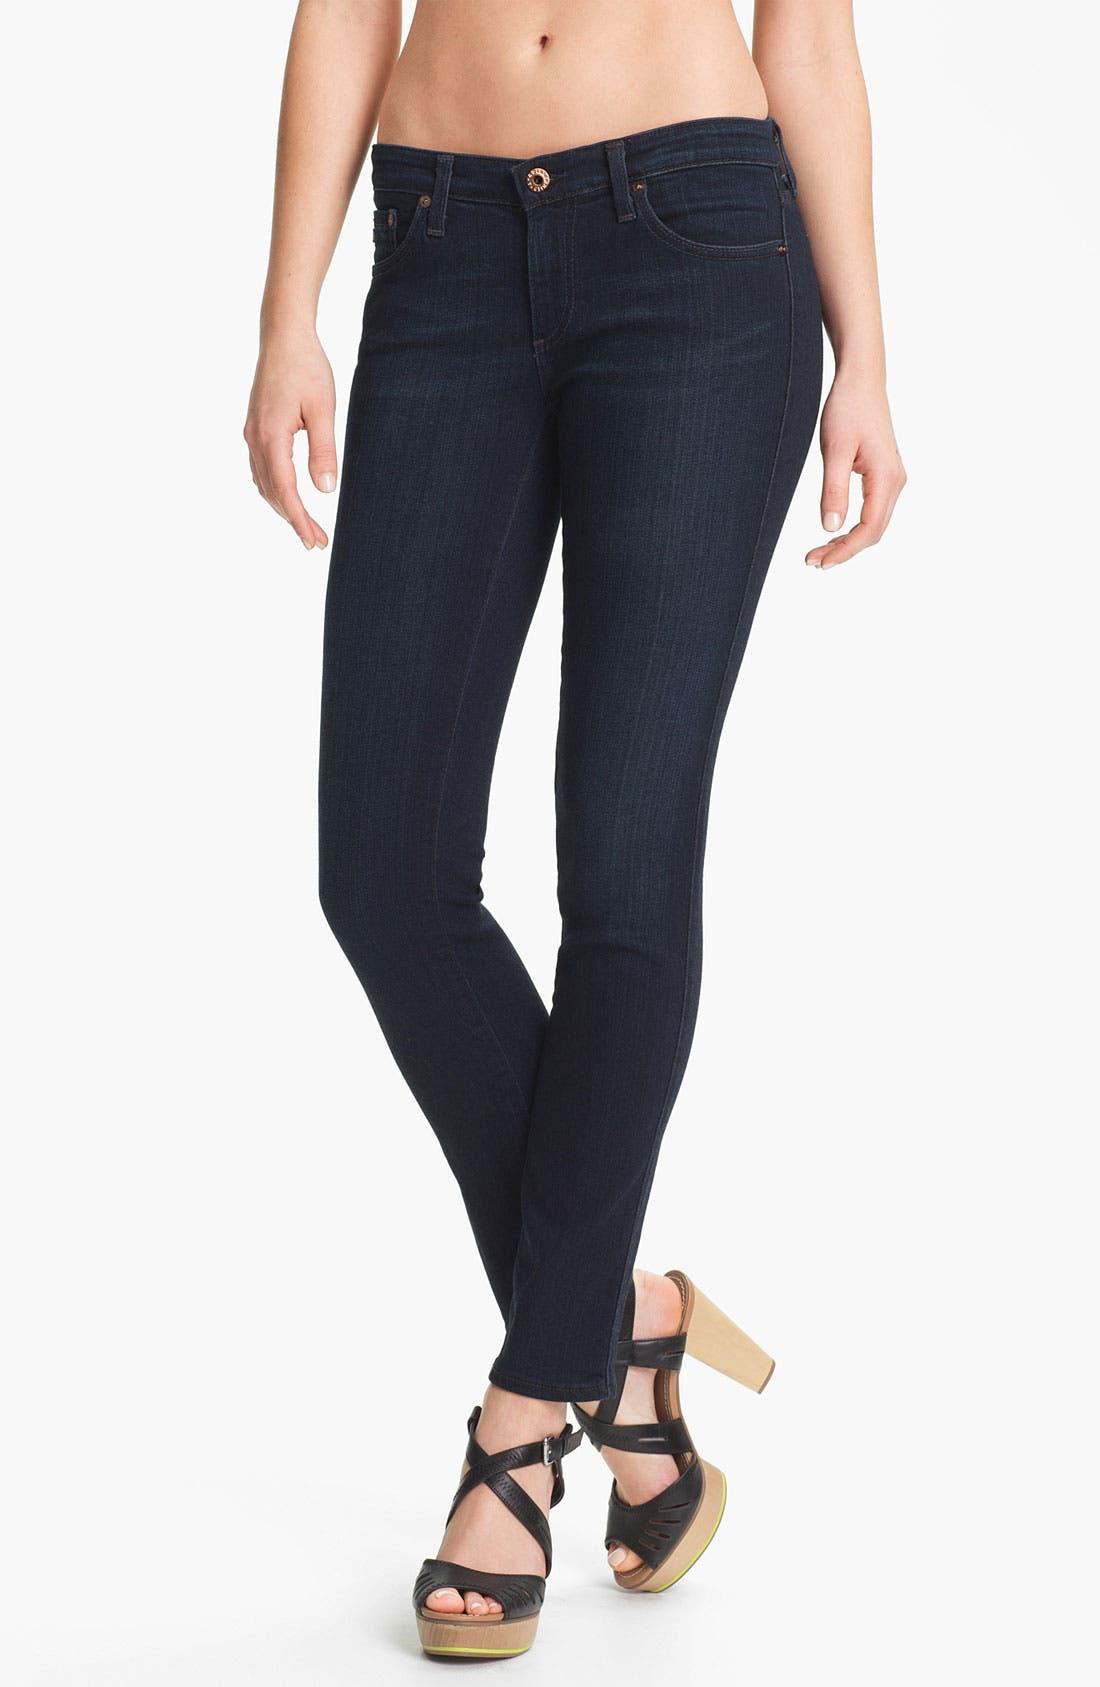 Alternate Image 1 Selected - AG Jeans 'Stilt' Cigarette Leg Stretch Jeans (Jetsetter)